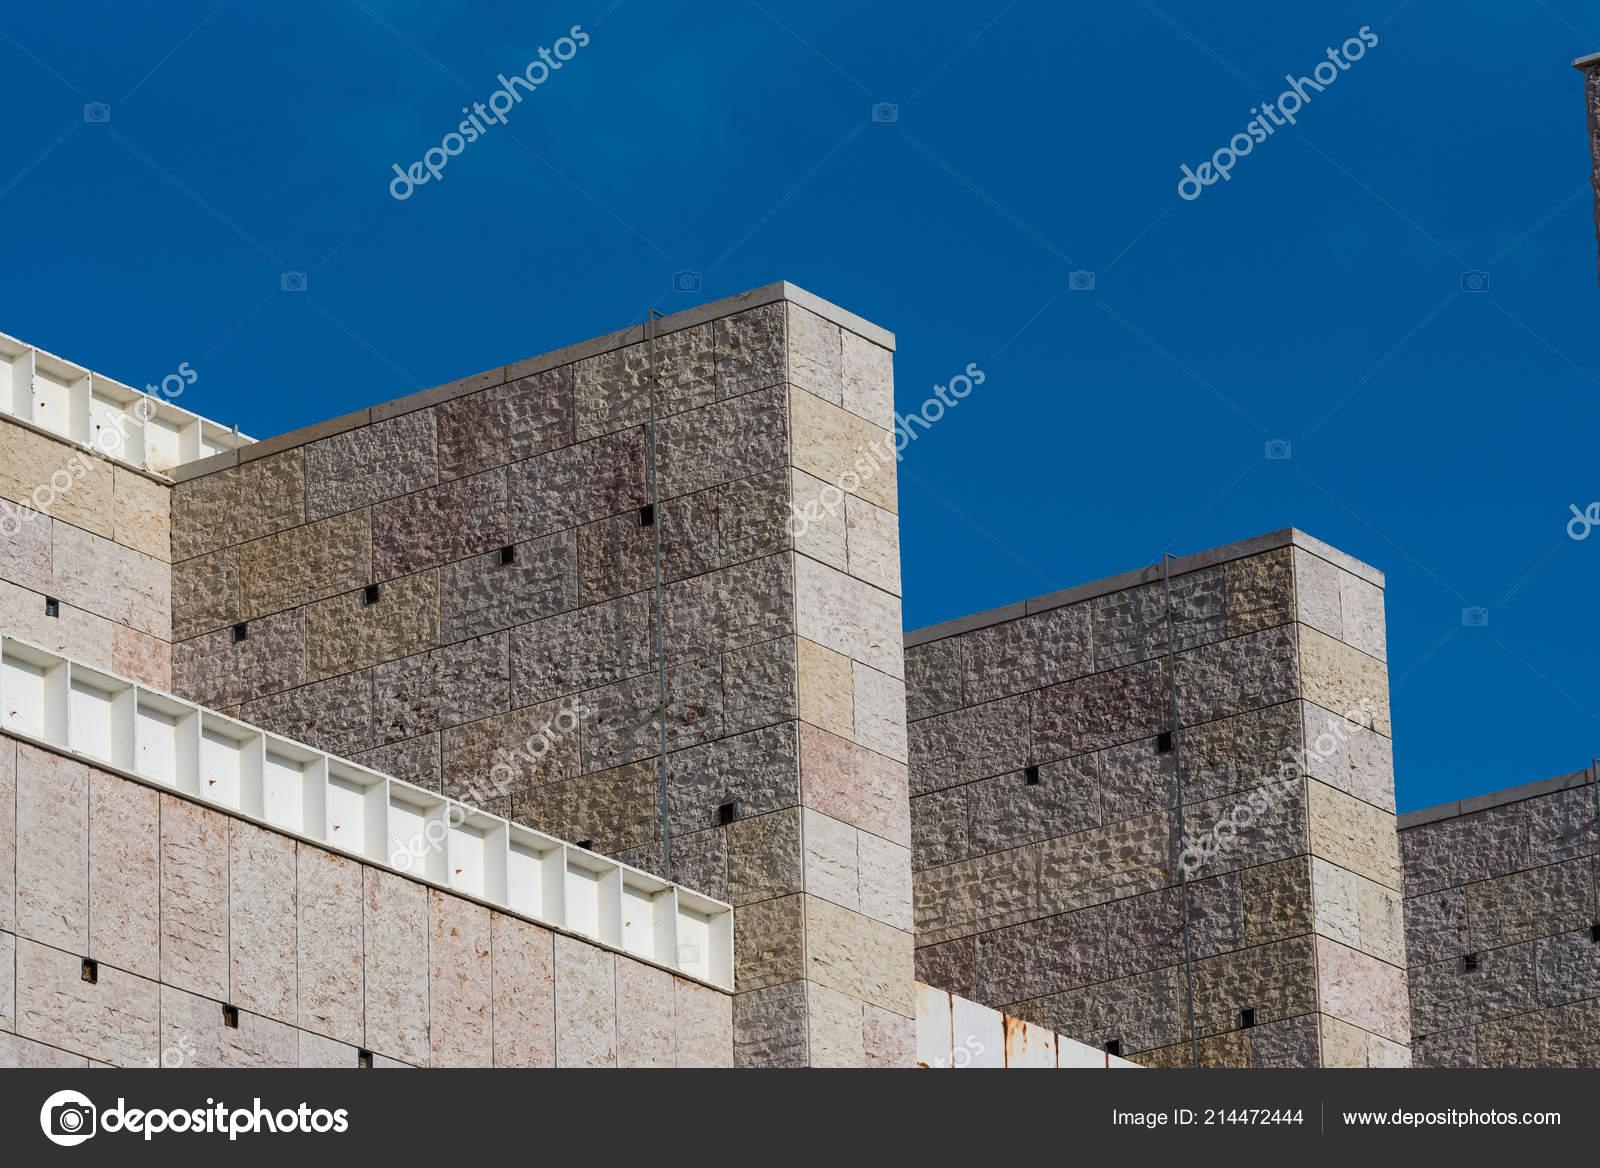 Dettagli parapetto della facciata edificio pubblico architettura